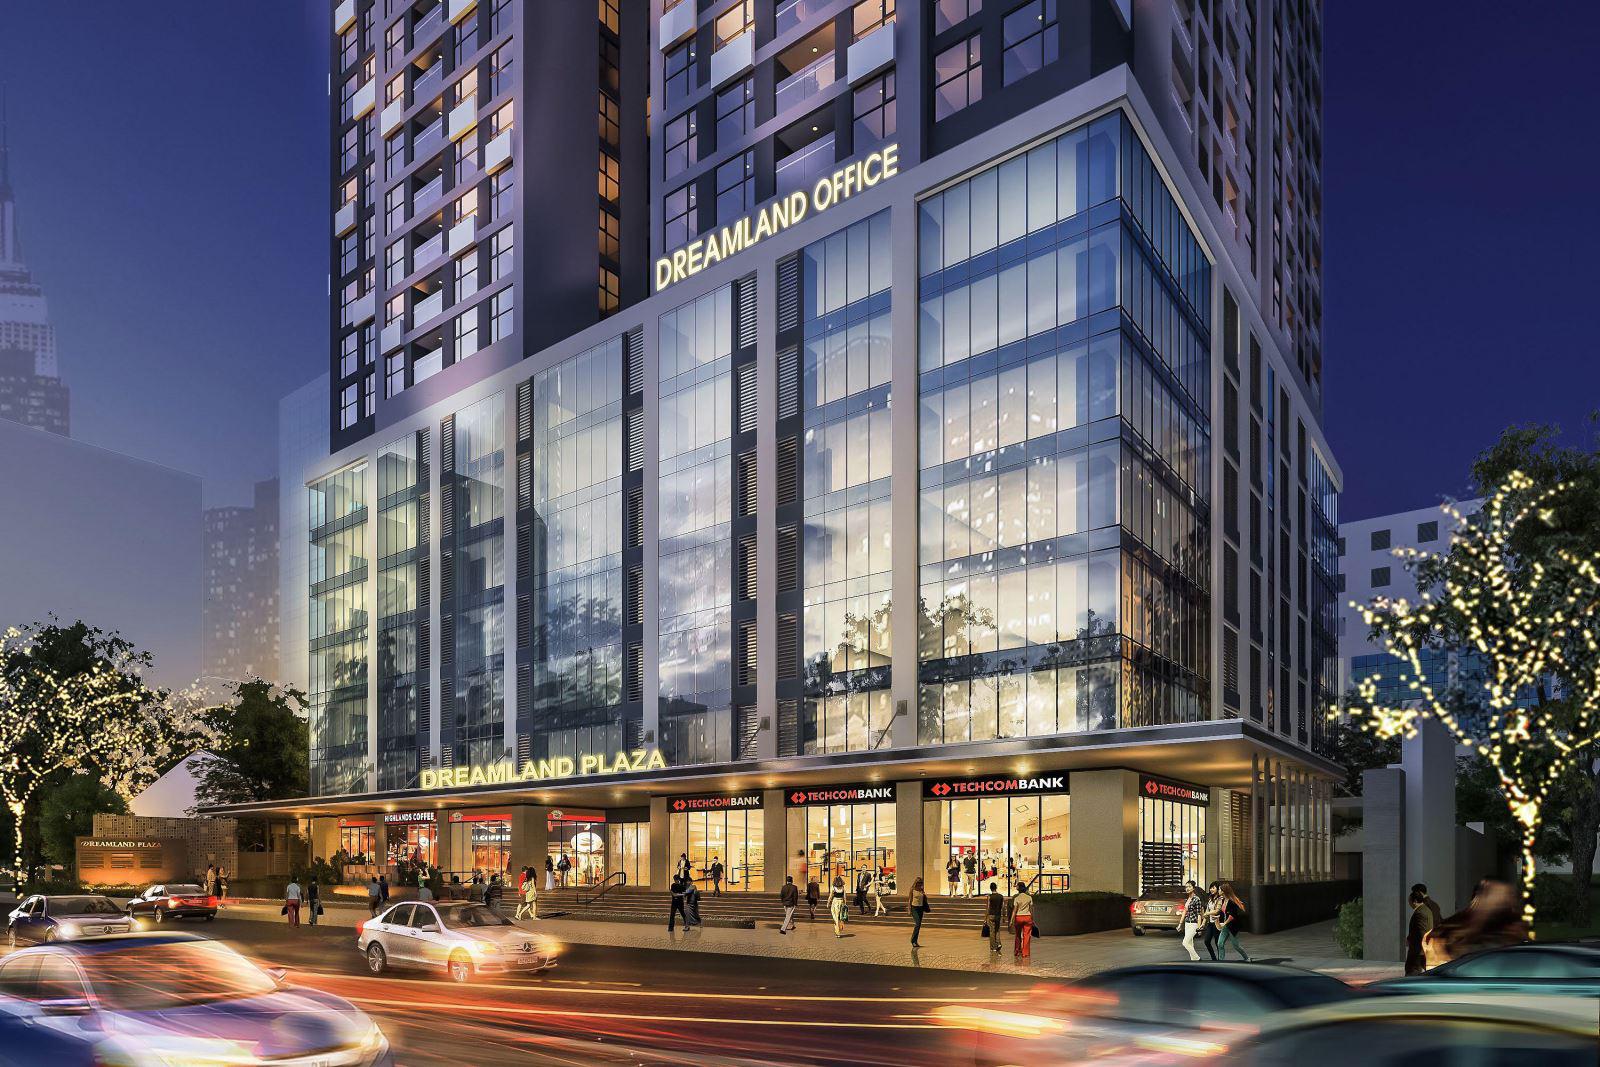 Dự án Dreamland Bonanza đang mở bán: Toà chung cư hiếm hoi ở 'khu phố Wall' của Việt Nam - Ảnh 2.